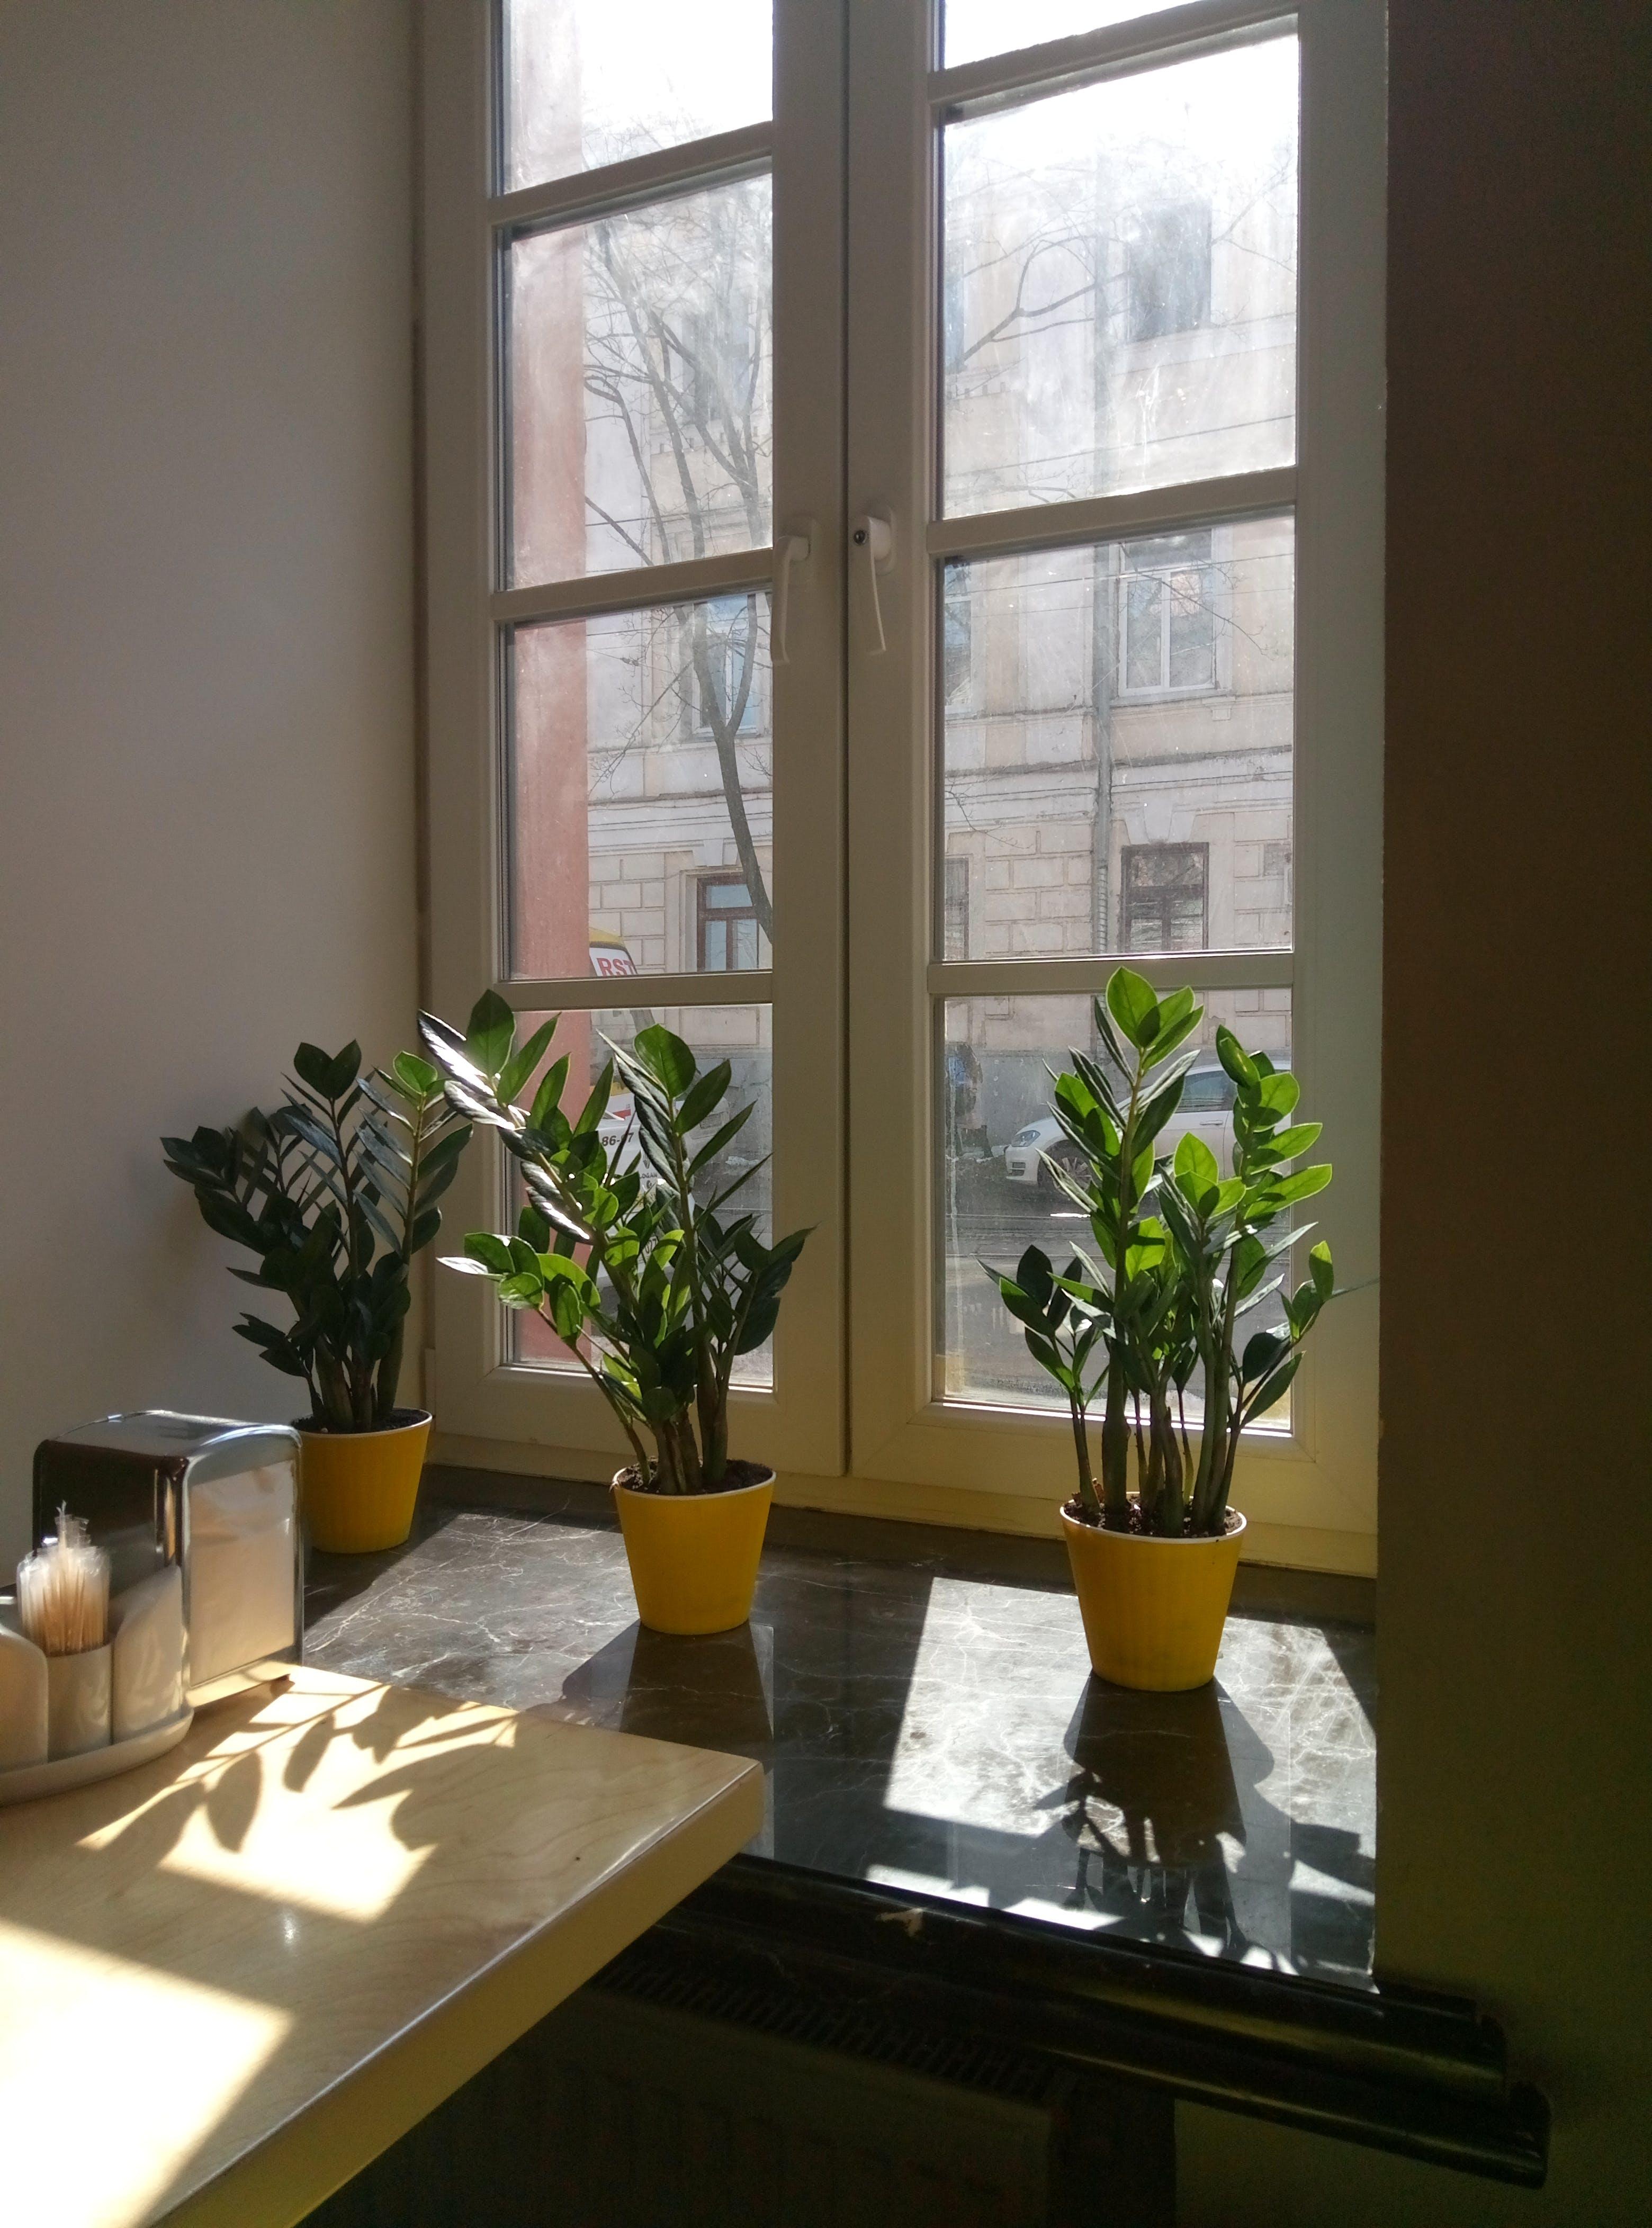 Kostenloses Stock Foto zu topfpflanzen, willkommen pflanze, wohnung, zimmerpflanzen